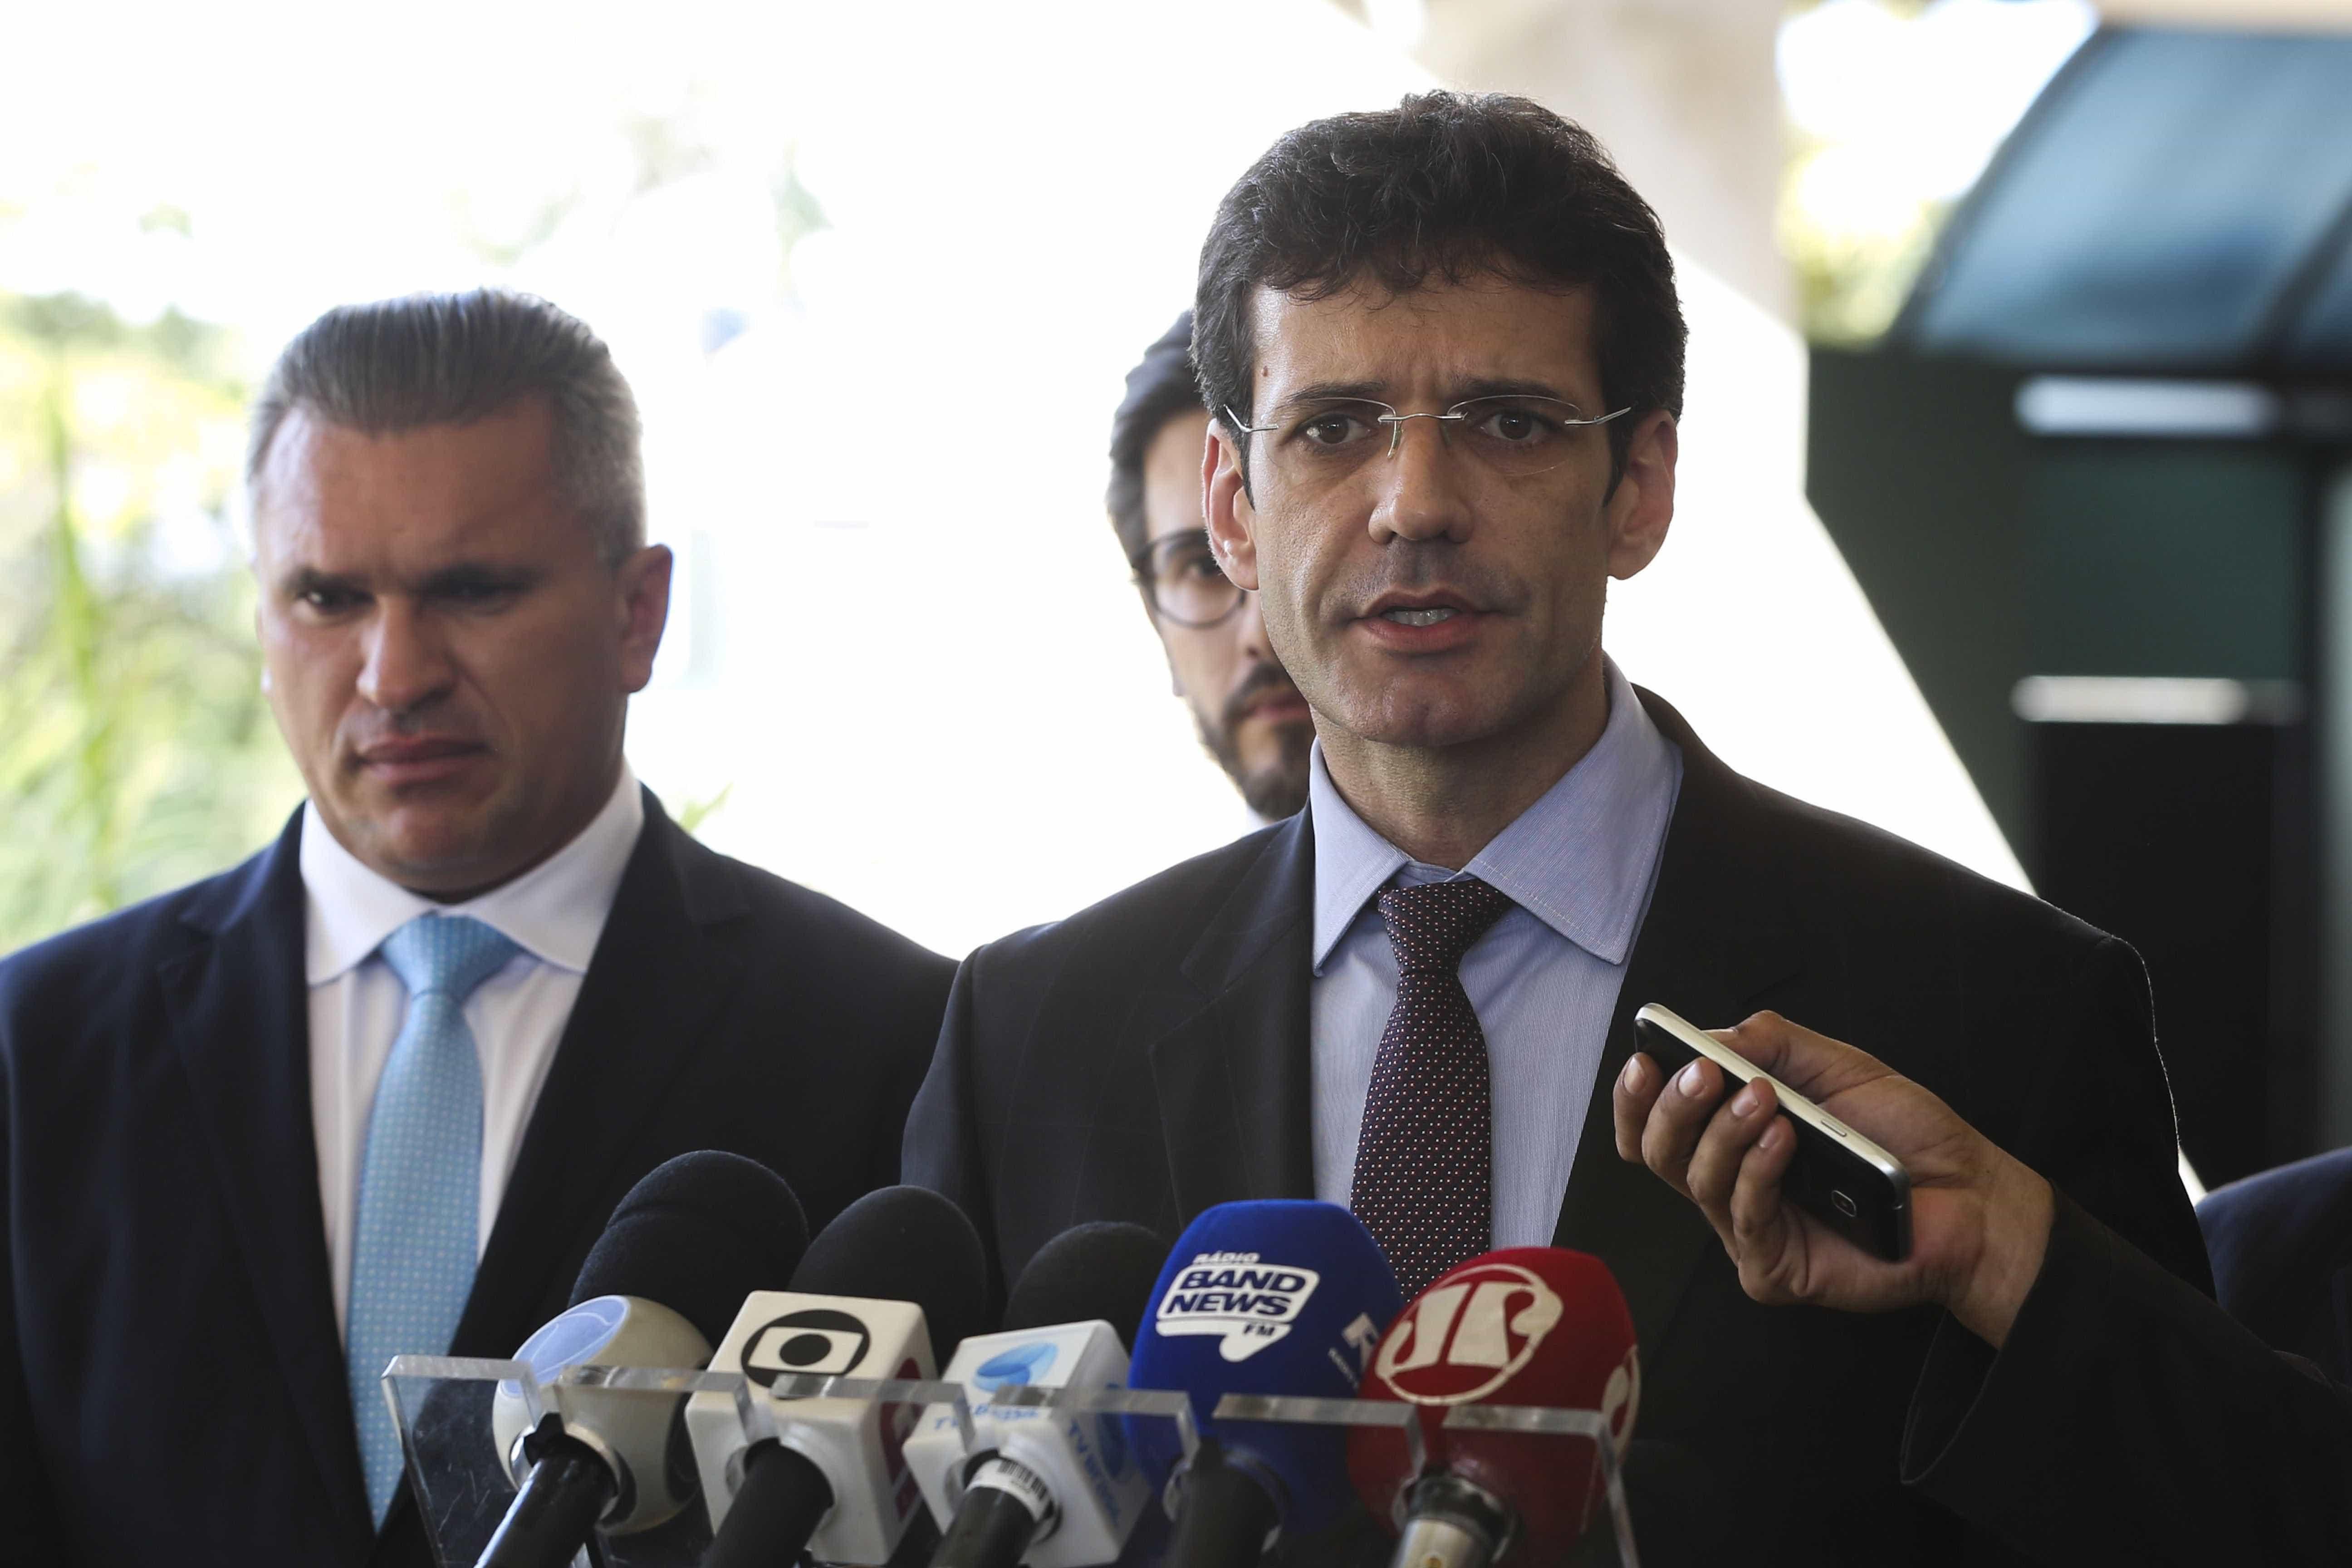 Fatos são graves, diz promotor sobre caso de laranjas do PSL em Minas